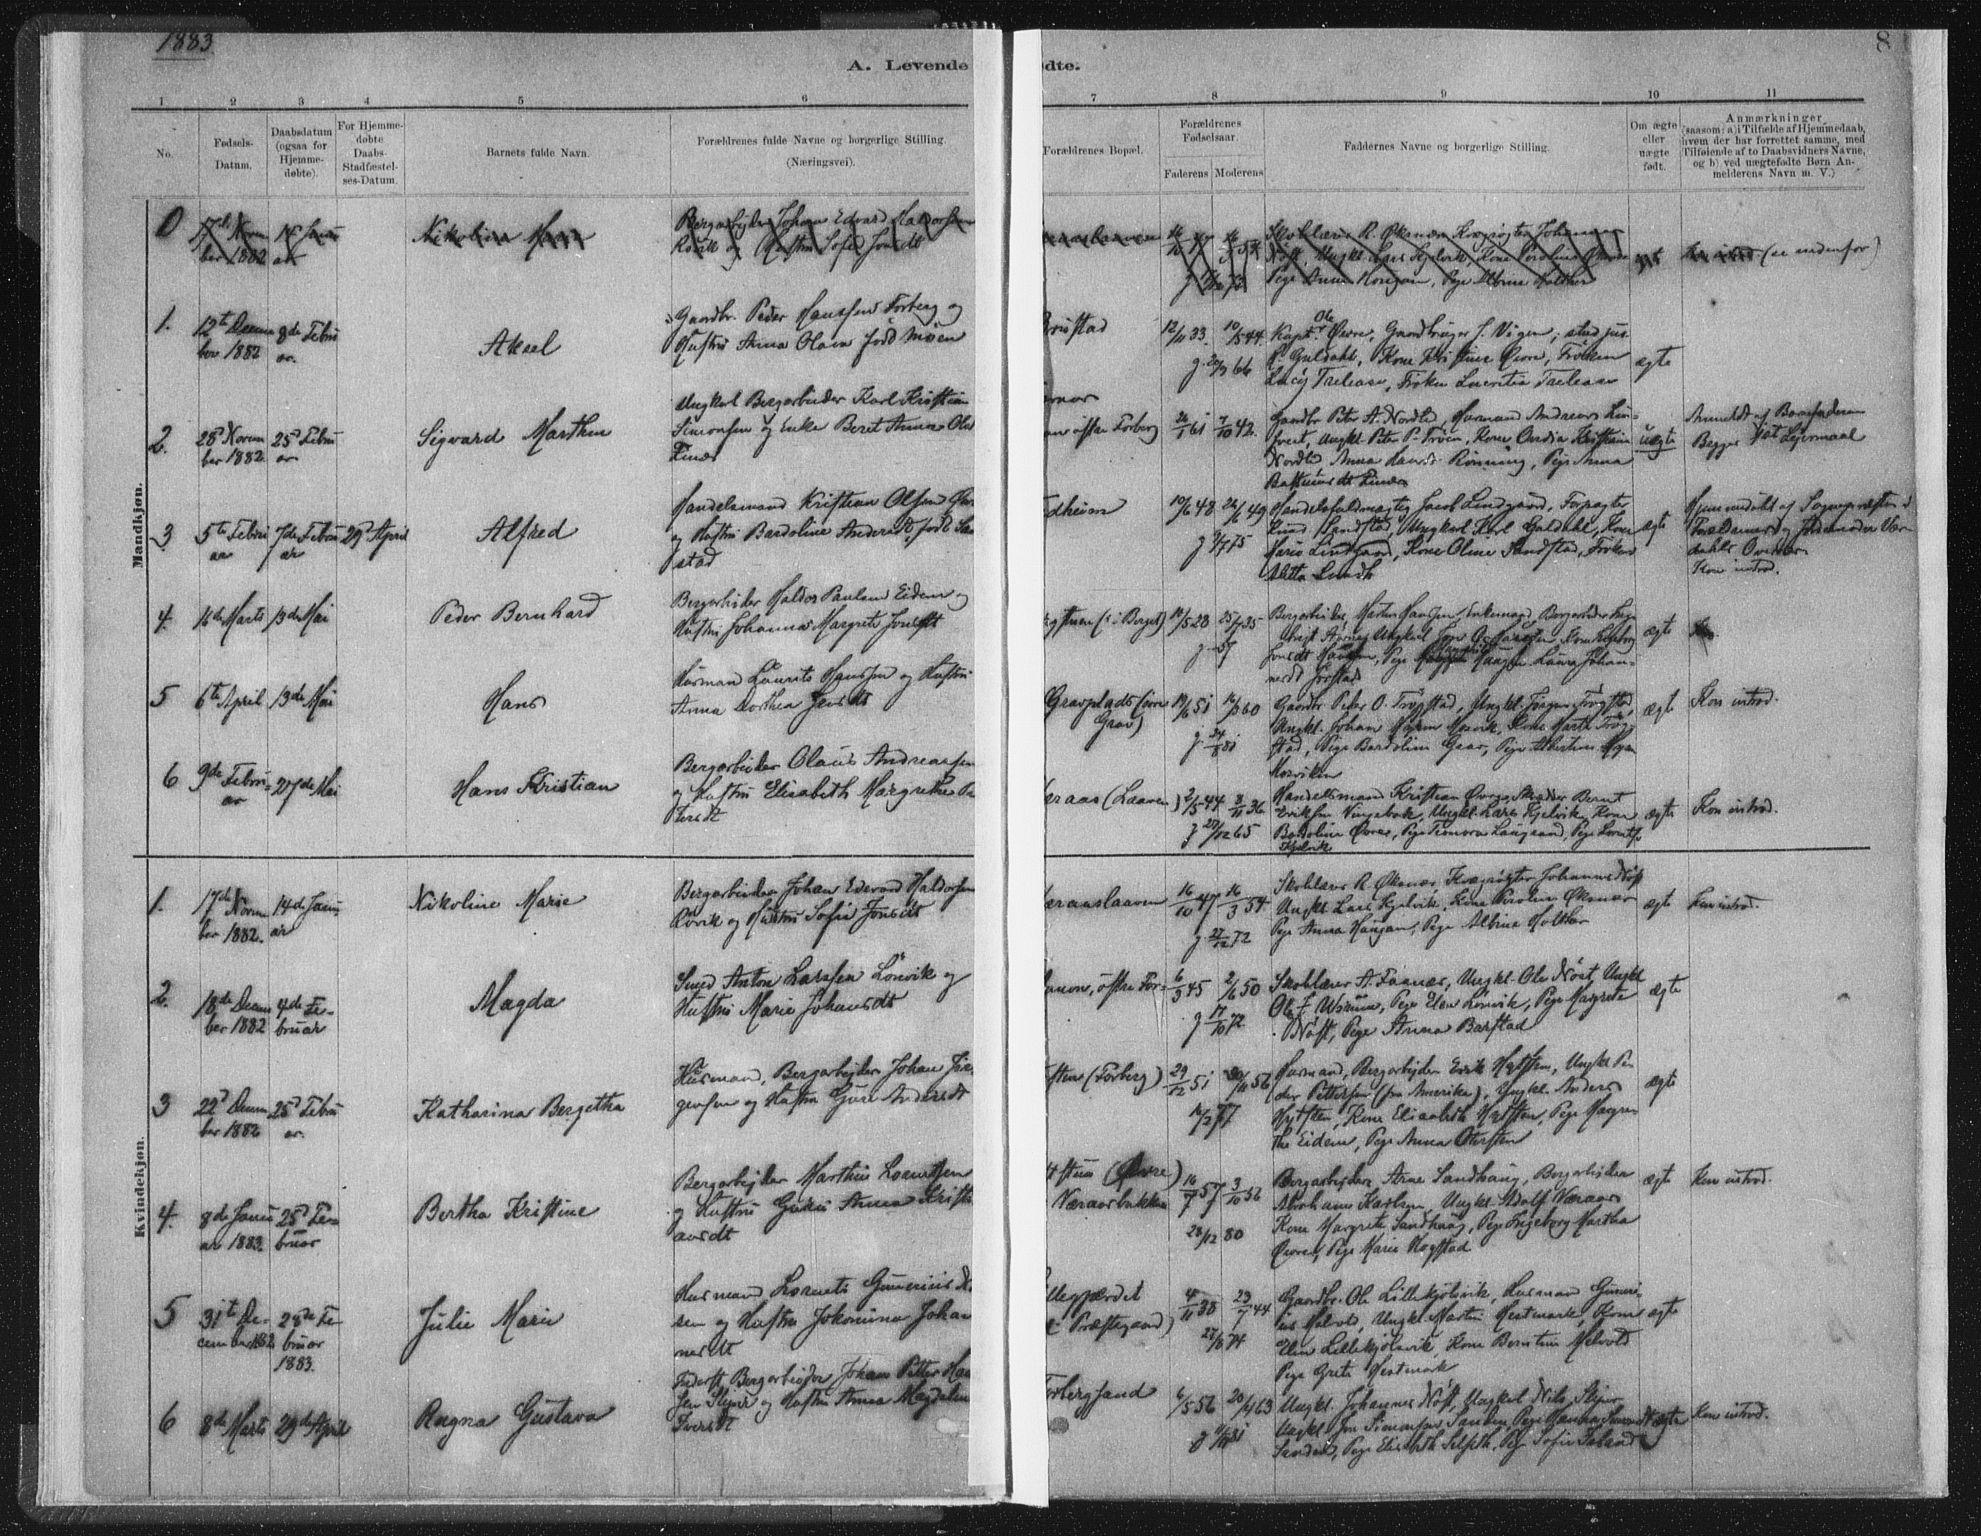 SAT, Ministerialprotokoller, klokkerbøker og fødselsregistre - Nord-Trøndelag, 722/L0220: Ministerialbok nr. 722A07, 1881-1908, s. 8